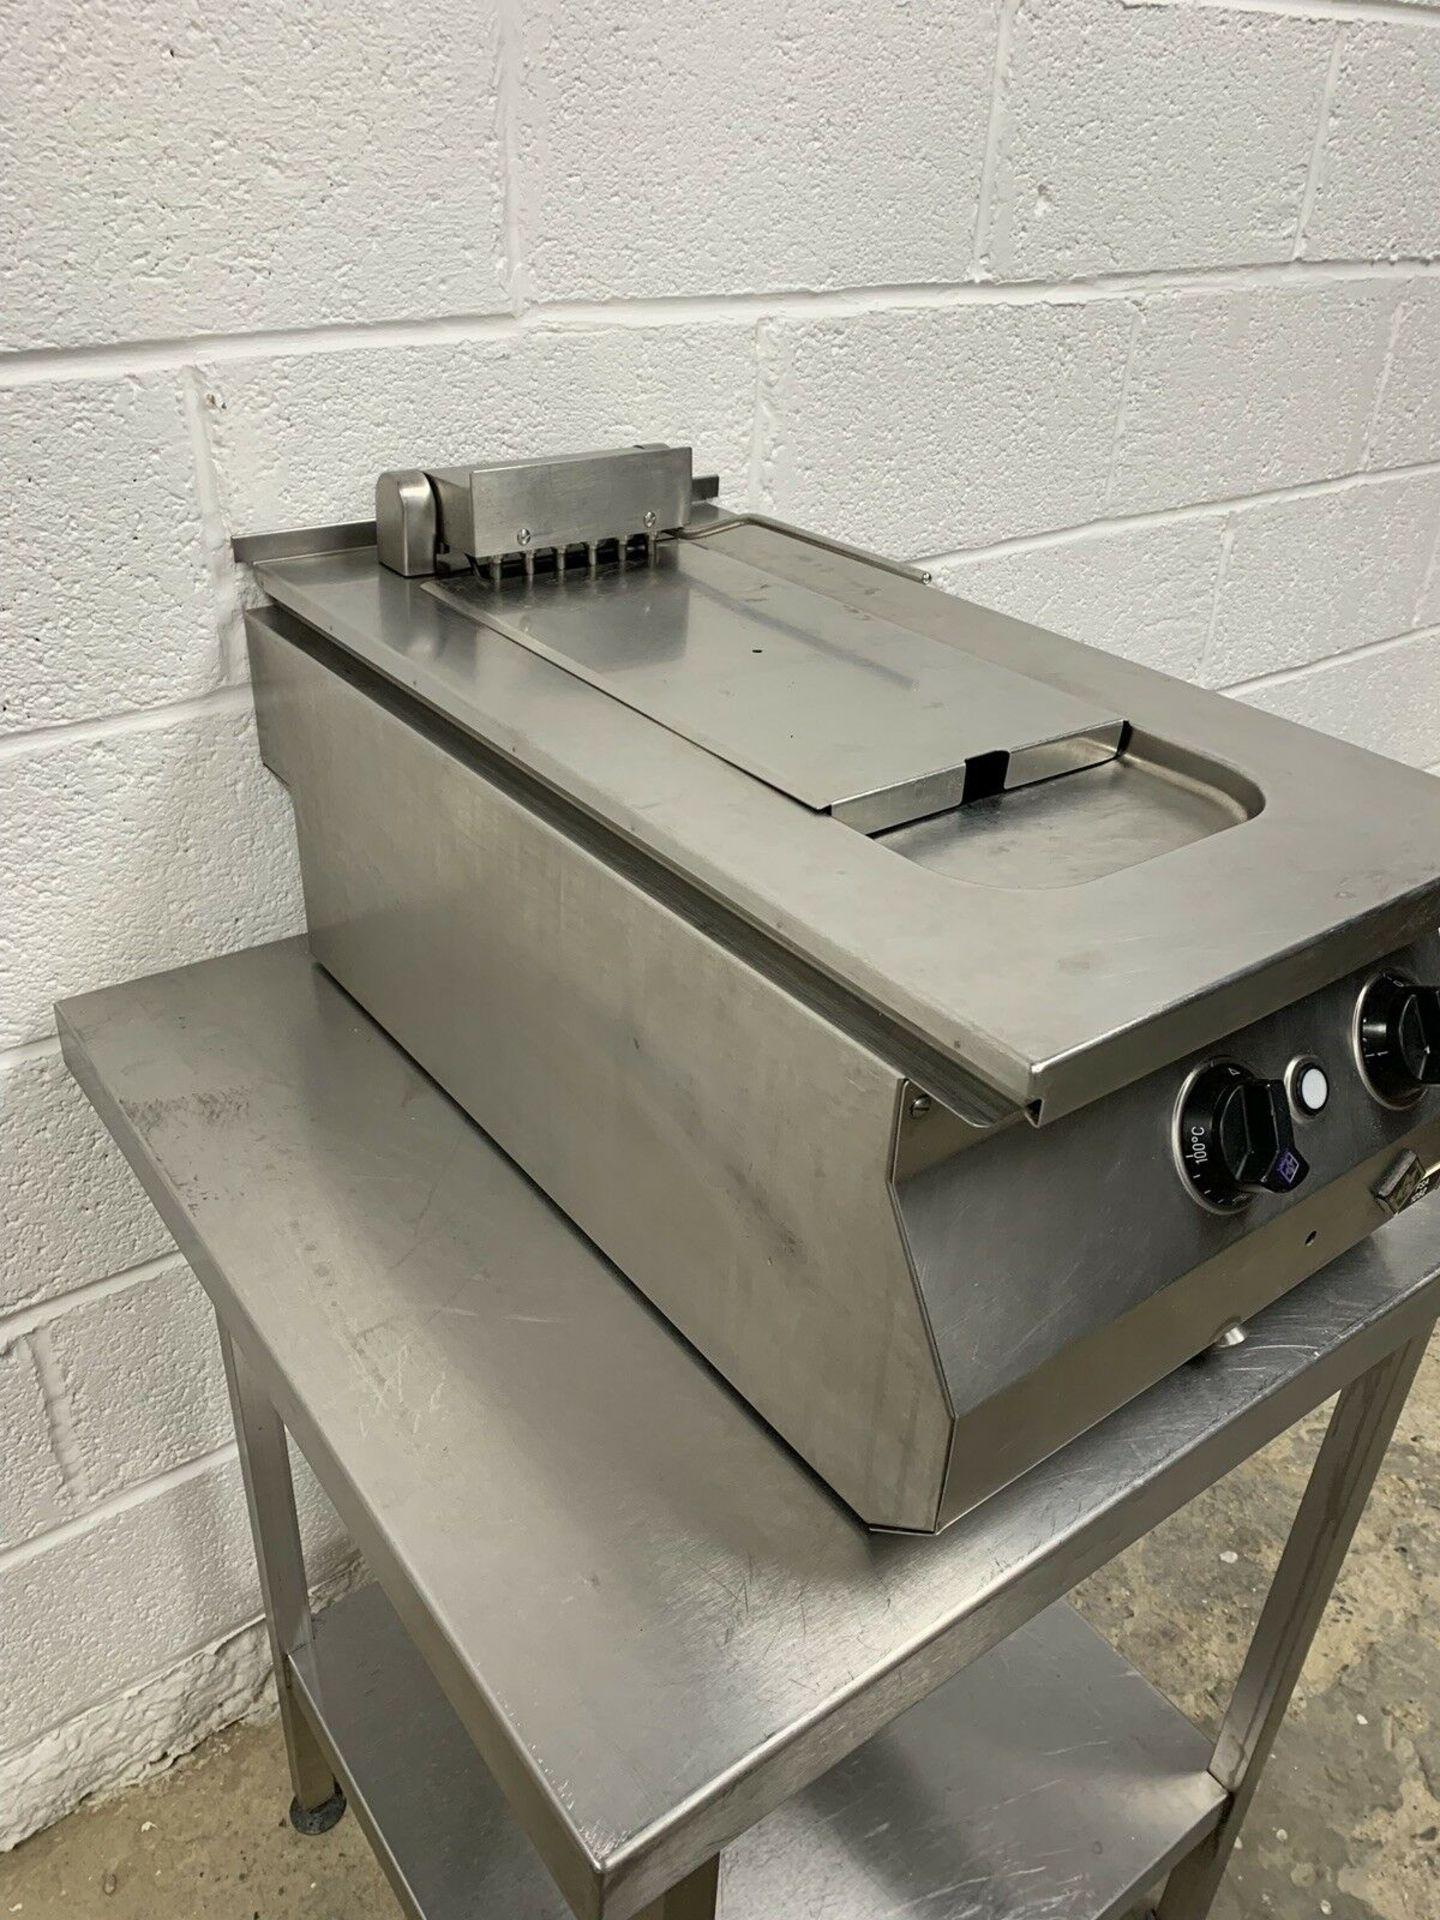 Lot 96 - MKN Countertop Fryer